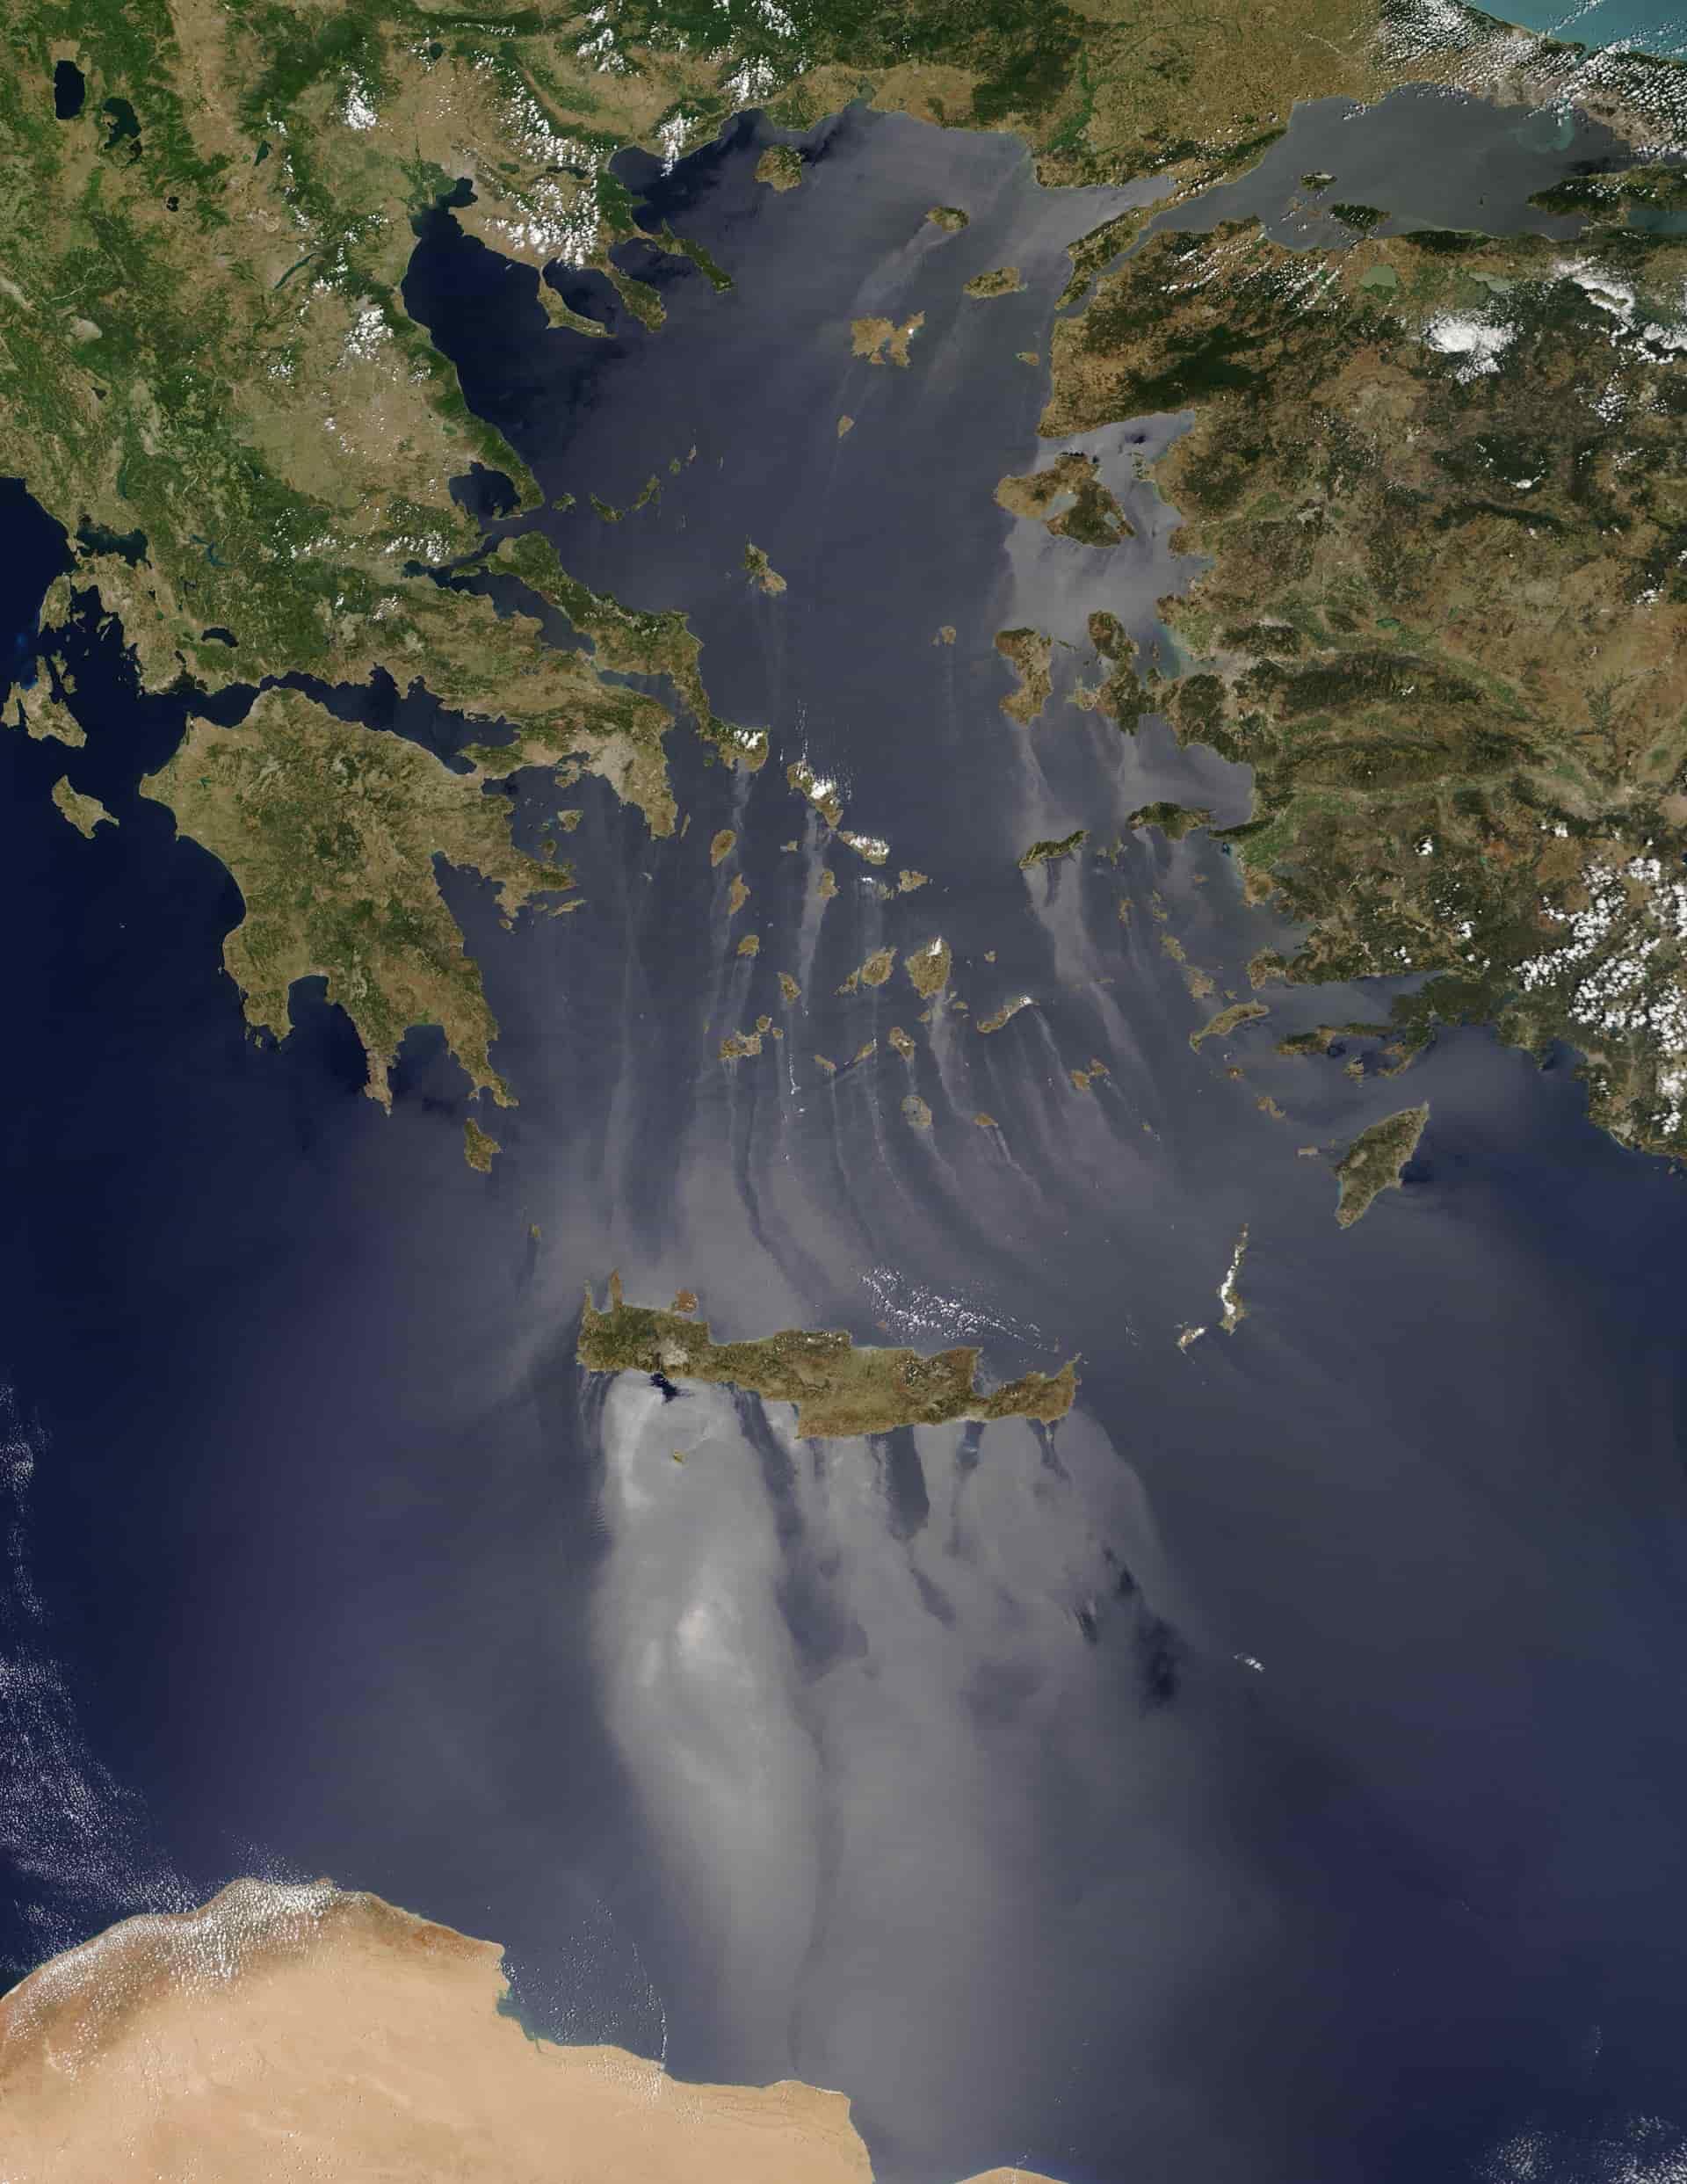 Το Εντυπωσιακό Φαινόμενο που Κατέγραψε η NASA πάνω από το Αιγαίο - ΦΩΤΟ